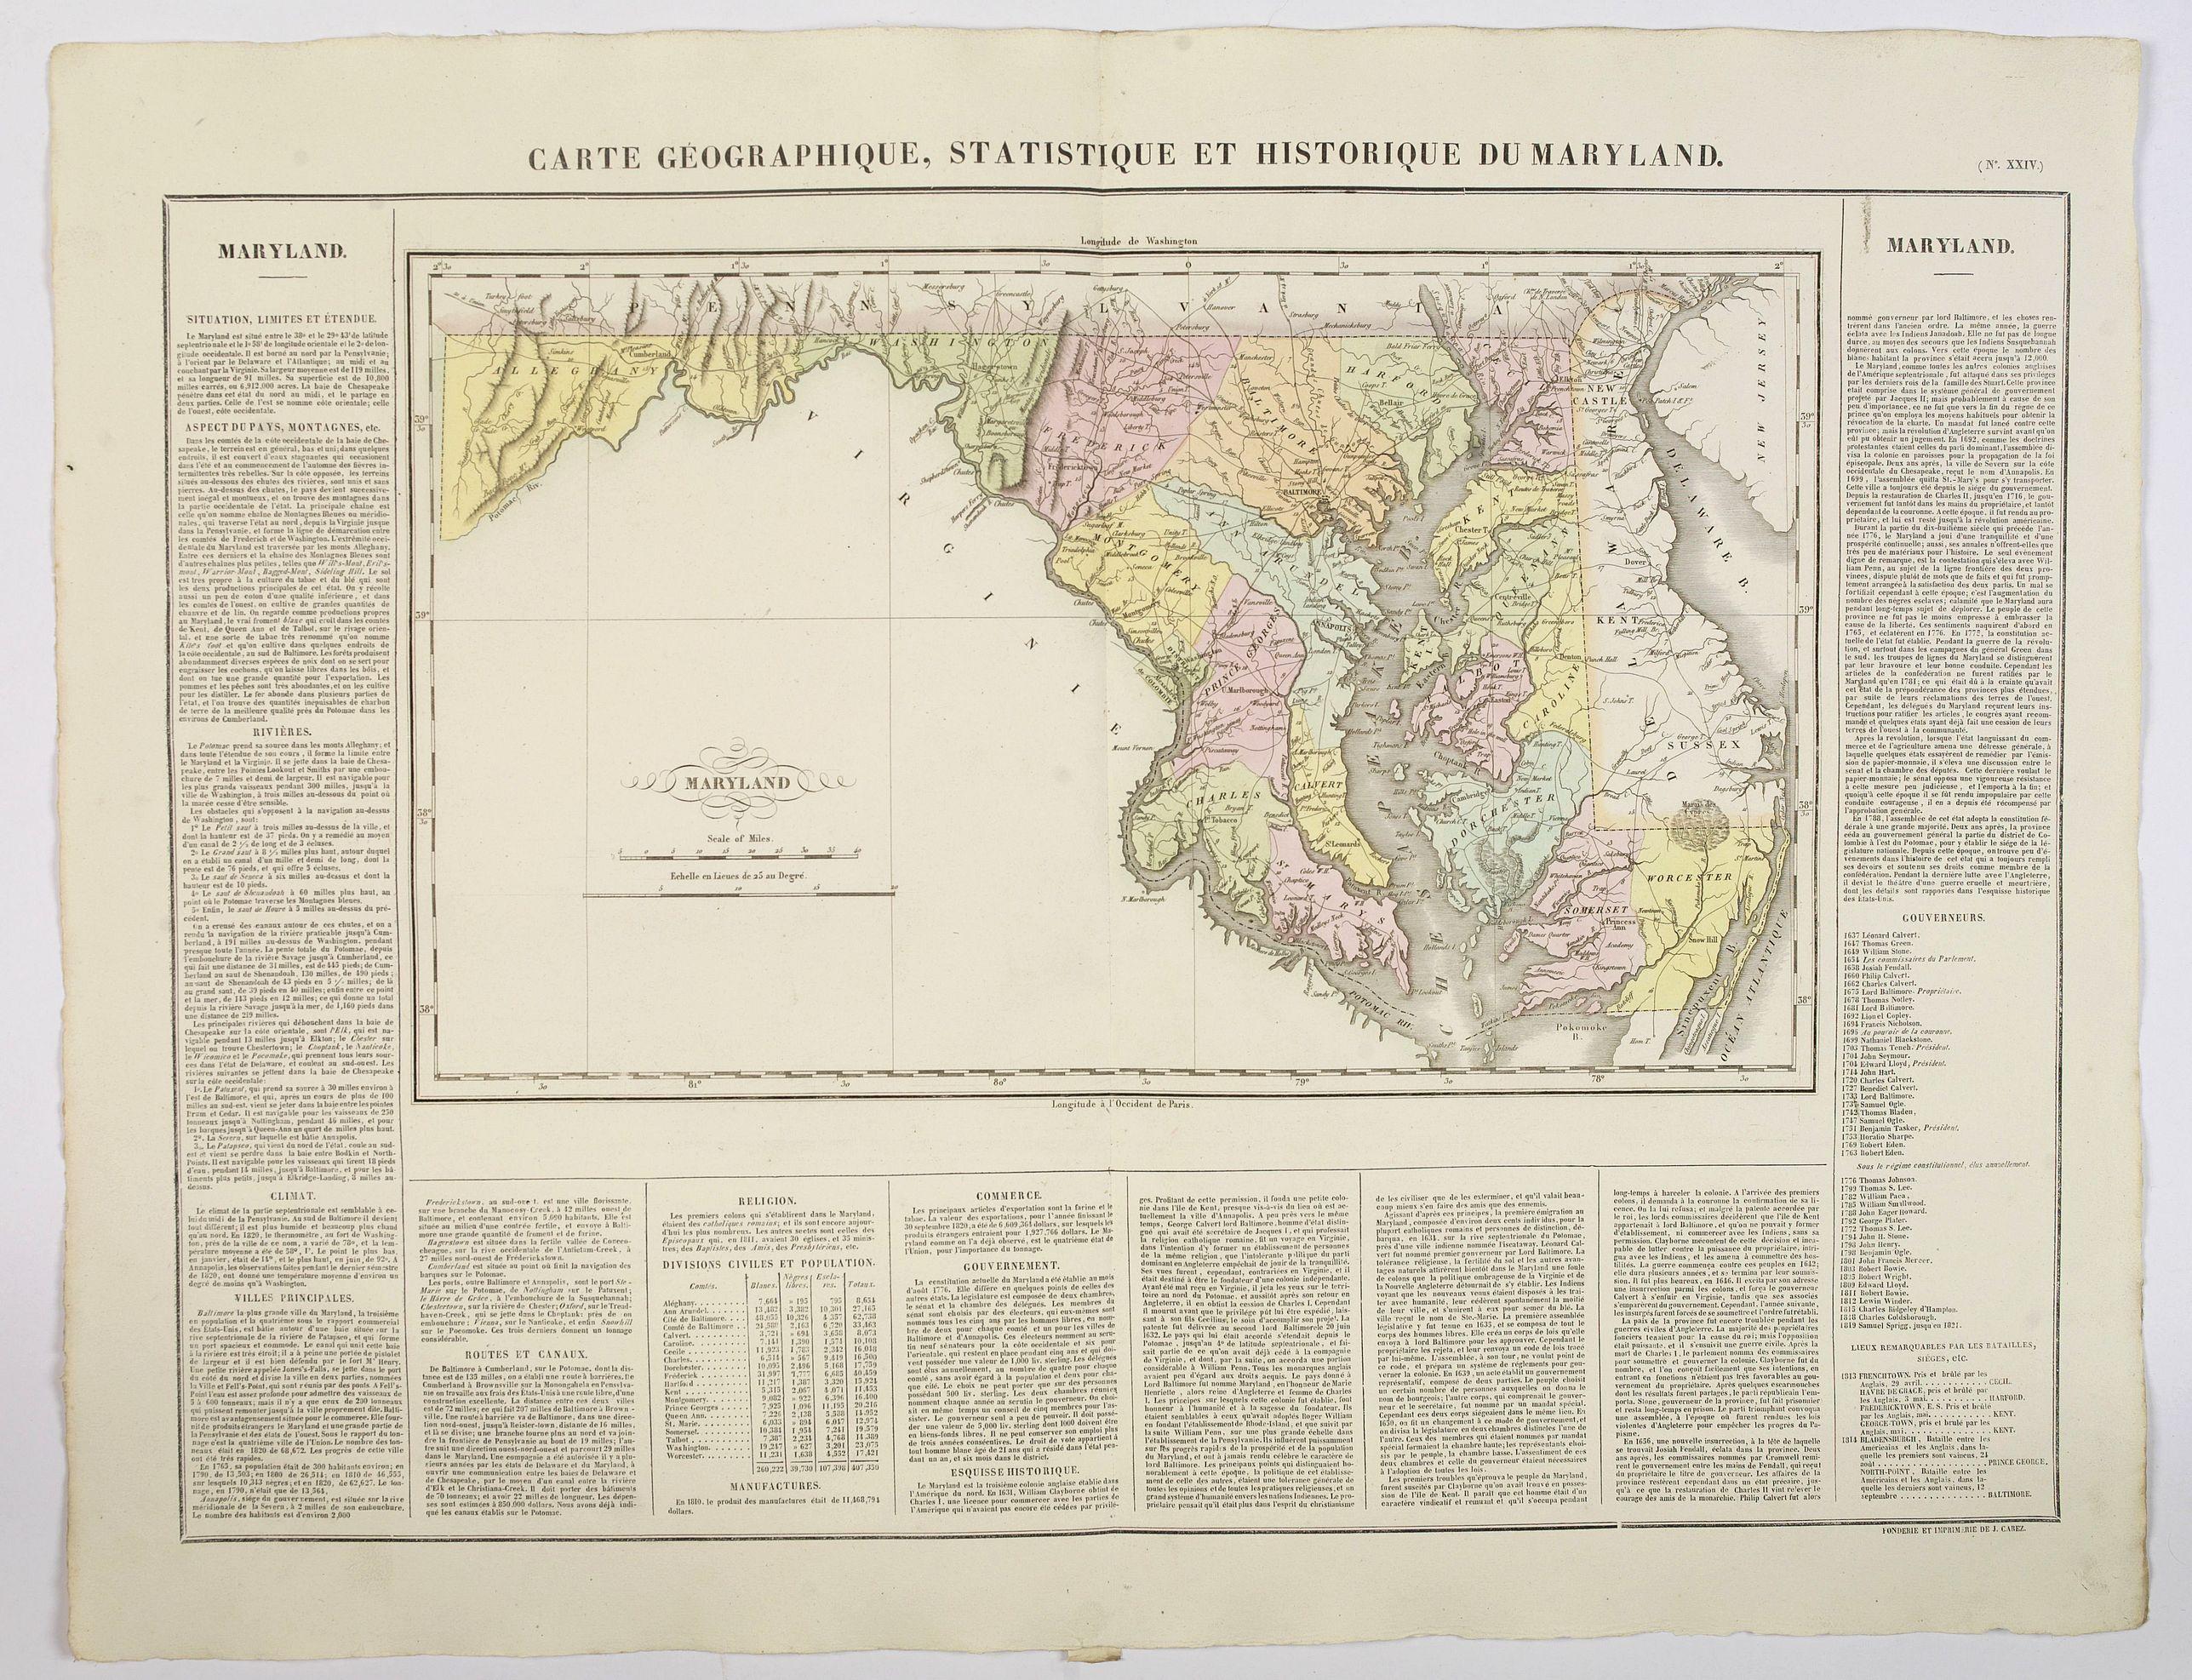 BUCHON, J.A. -  Carte Geographique, Statistique ey Historique du Maryland.